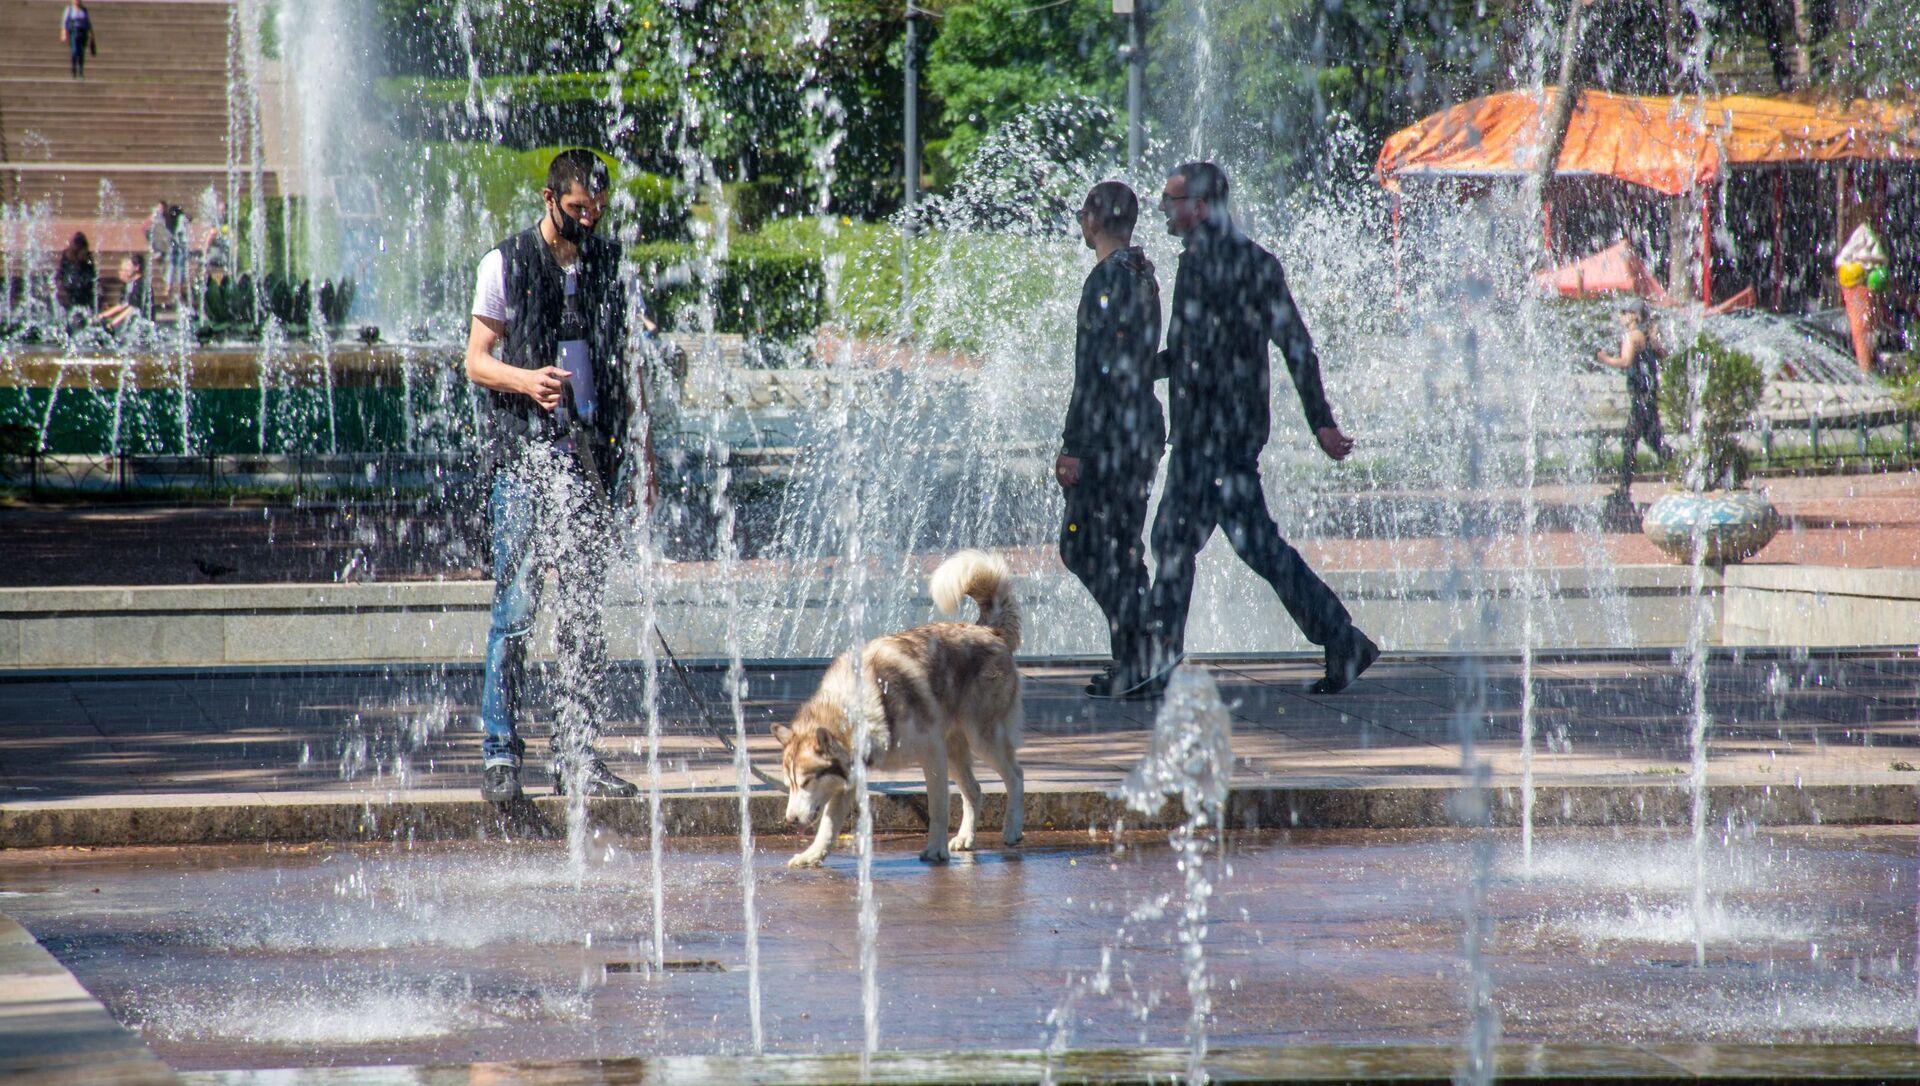 Весна в столице Грузии. Парк Ваке. Люди гуляют у фонтана. Собака со своим хозяином бегает у воды - Sputnik Грузия, 1920, 10.02.2021